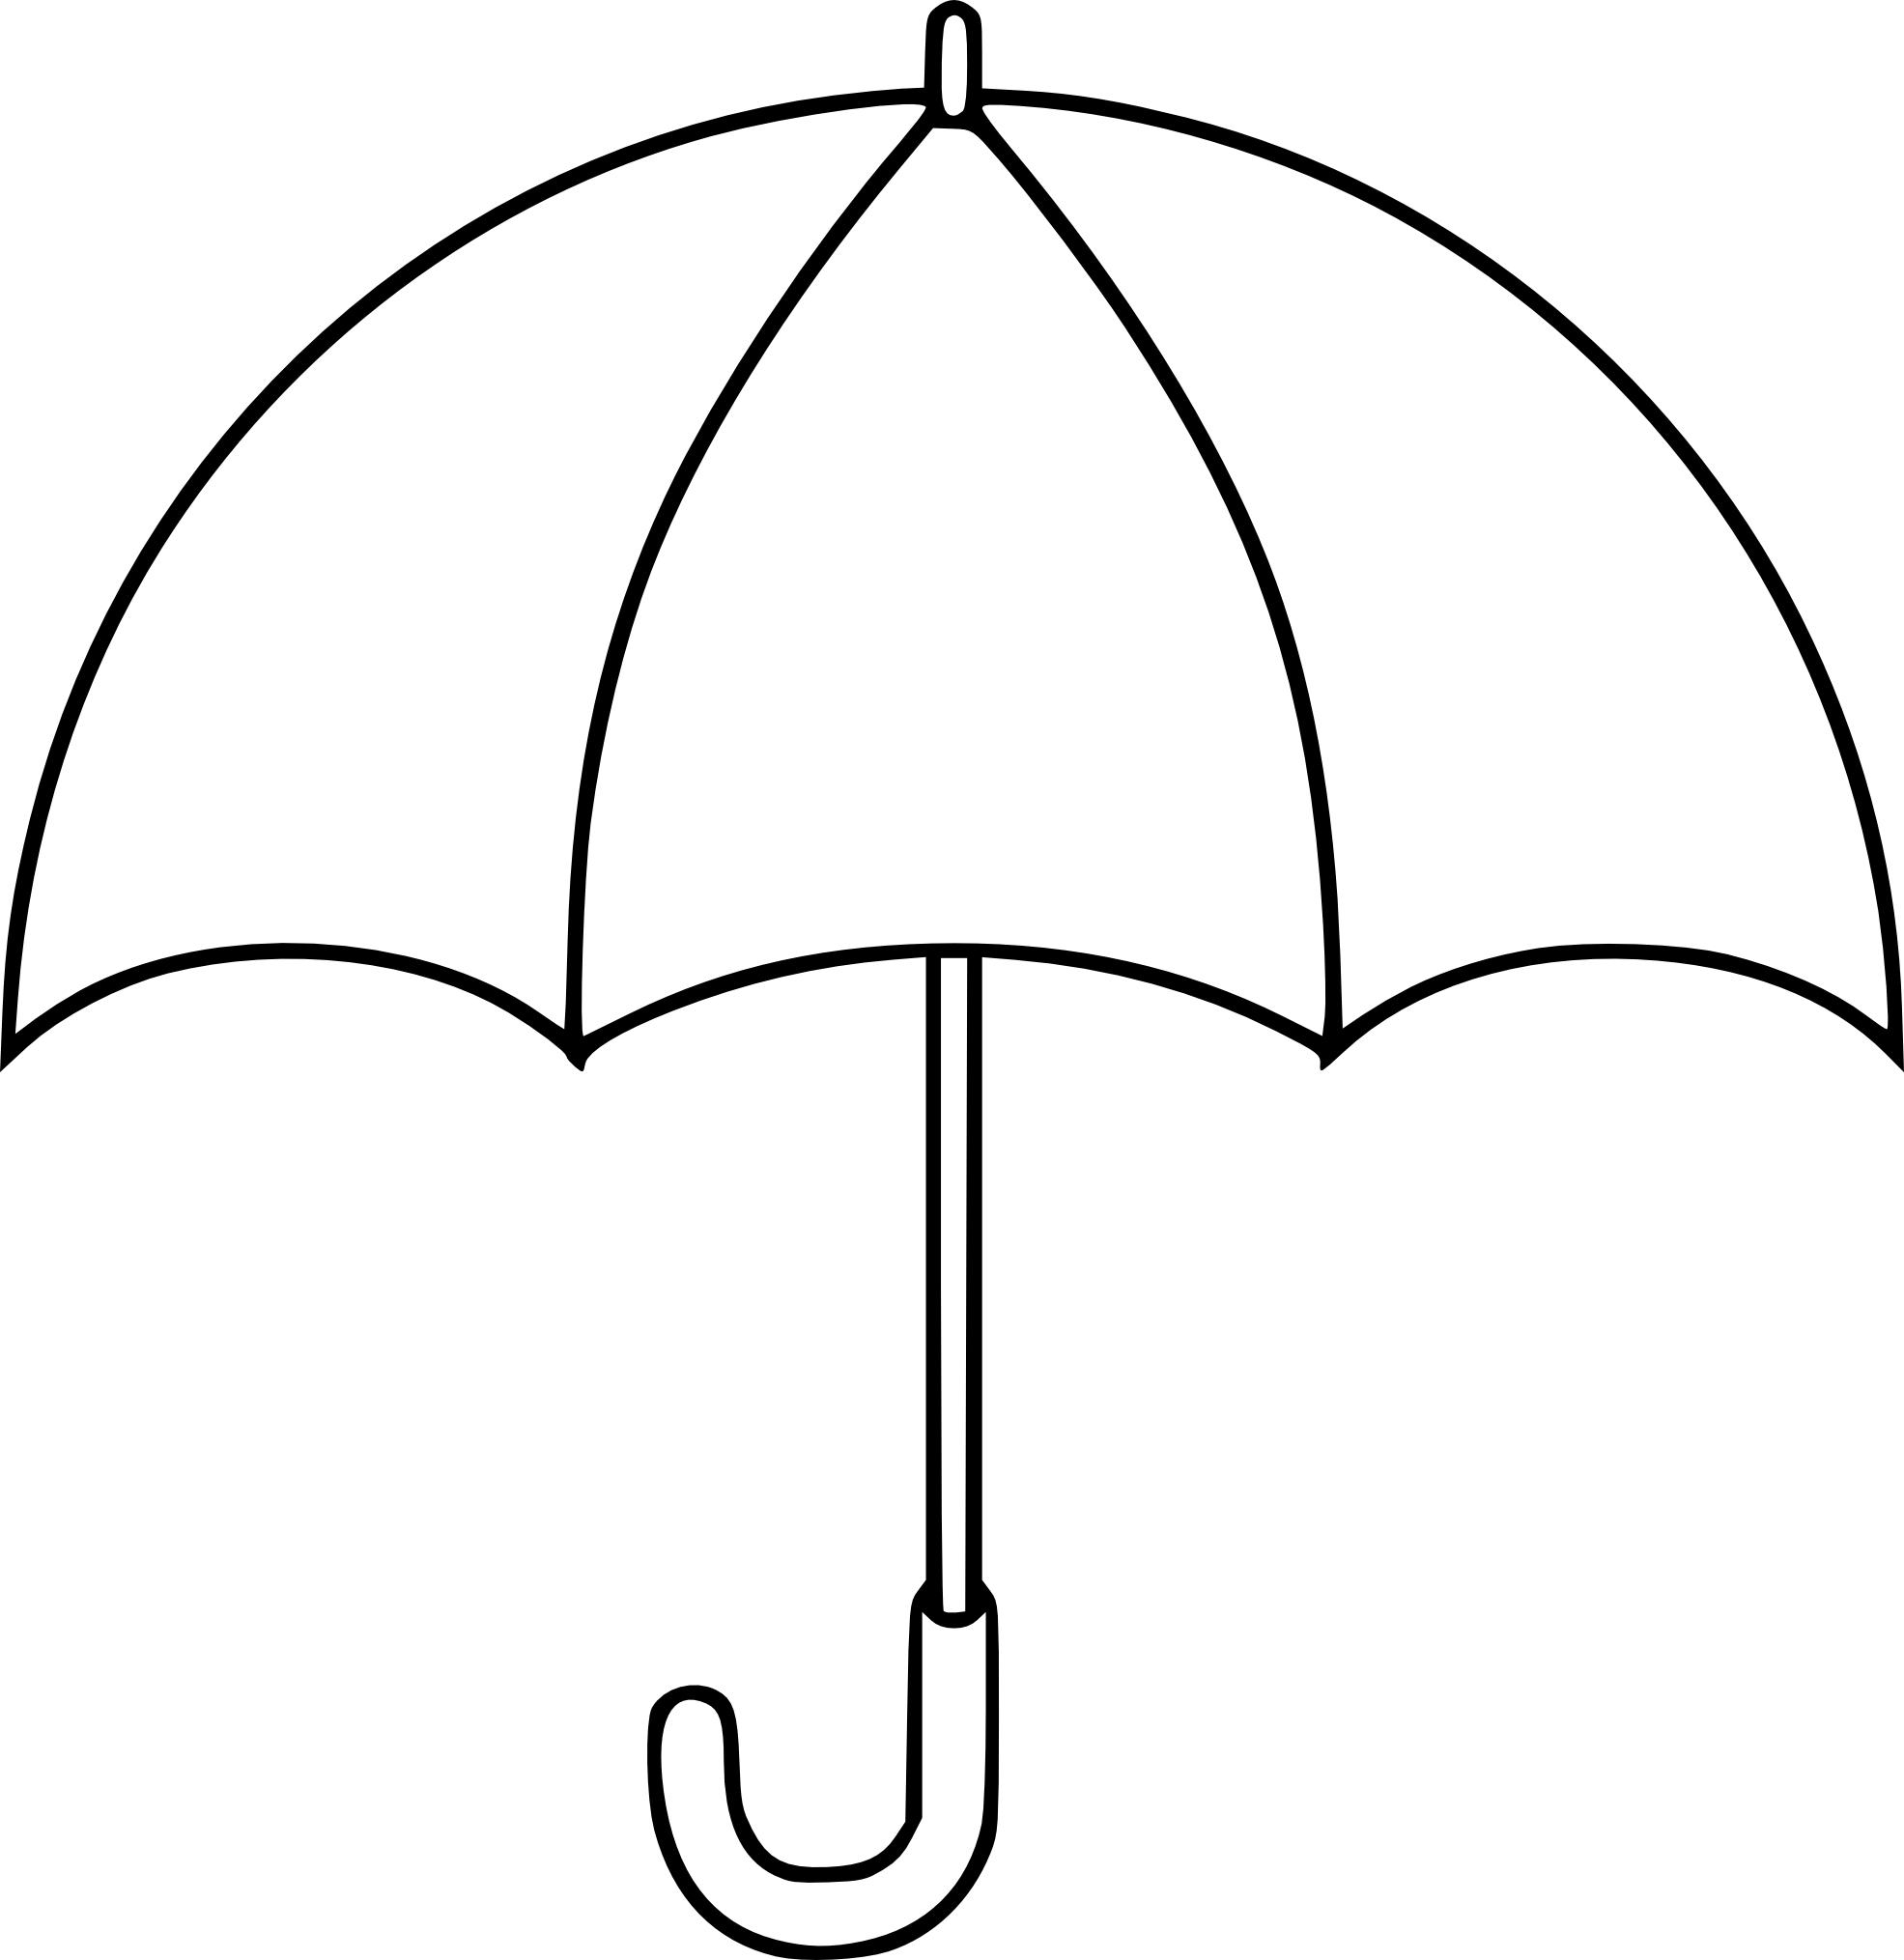 Coloriage Parapluie 224 Imprimer